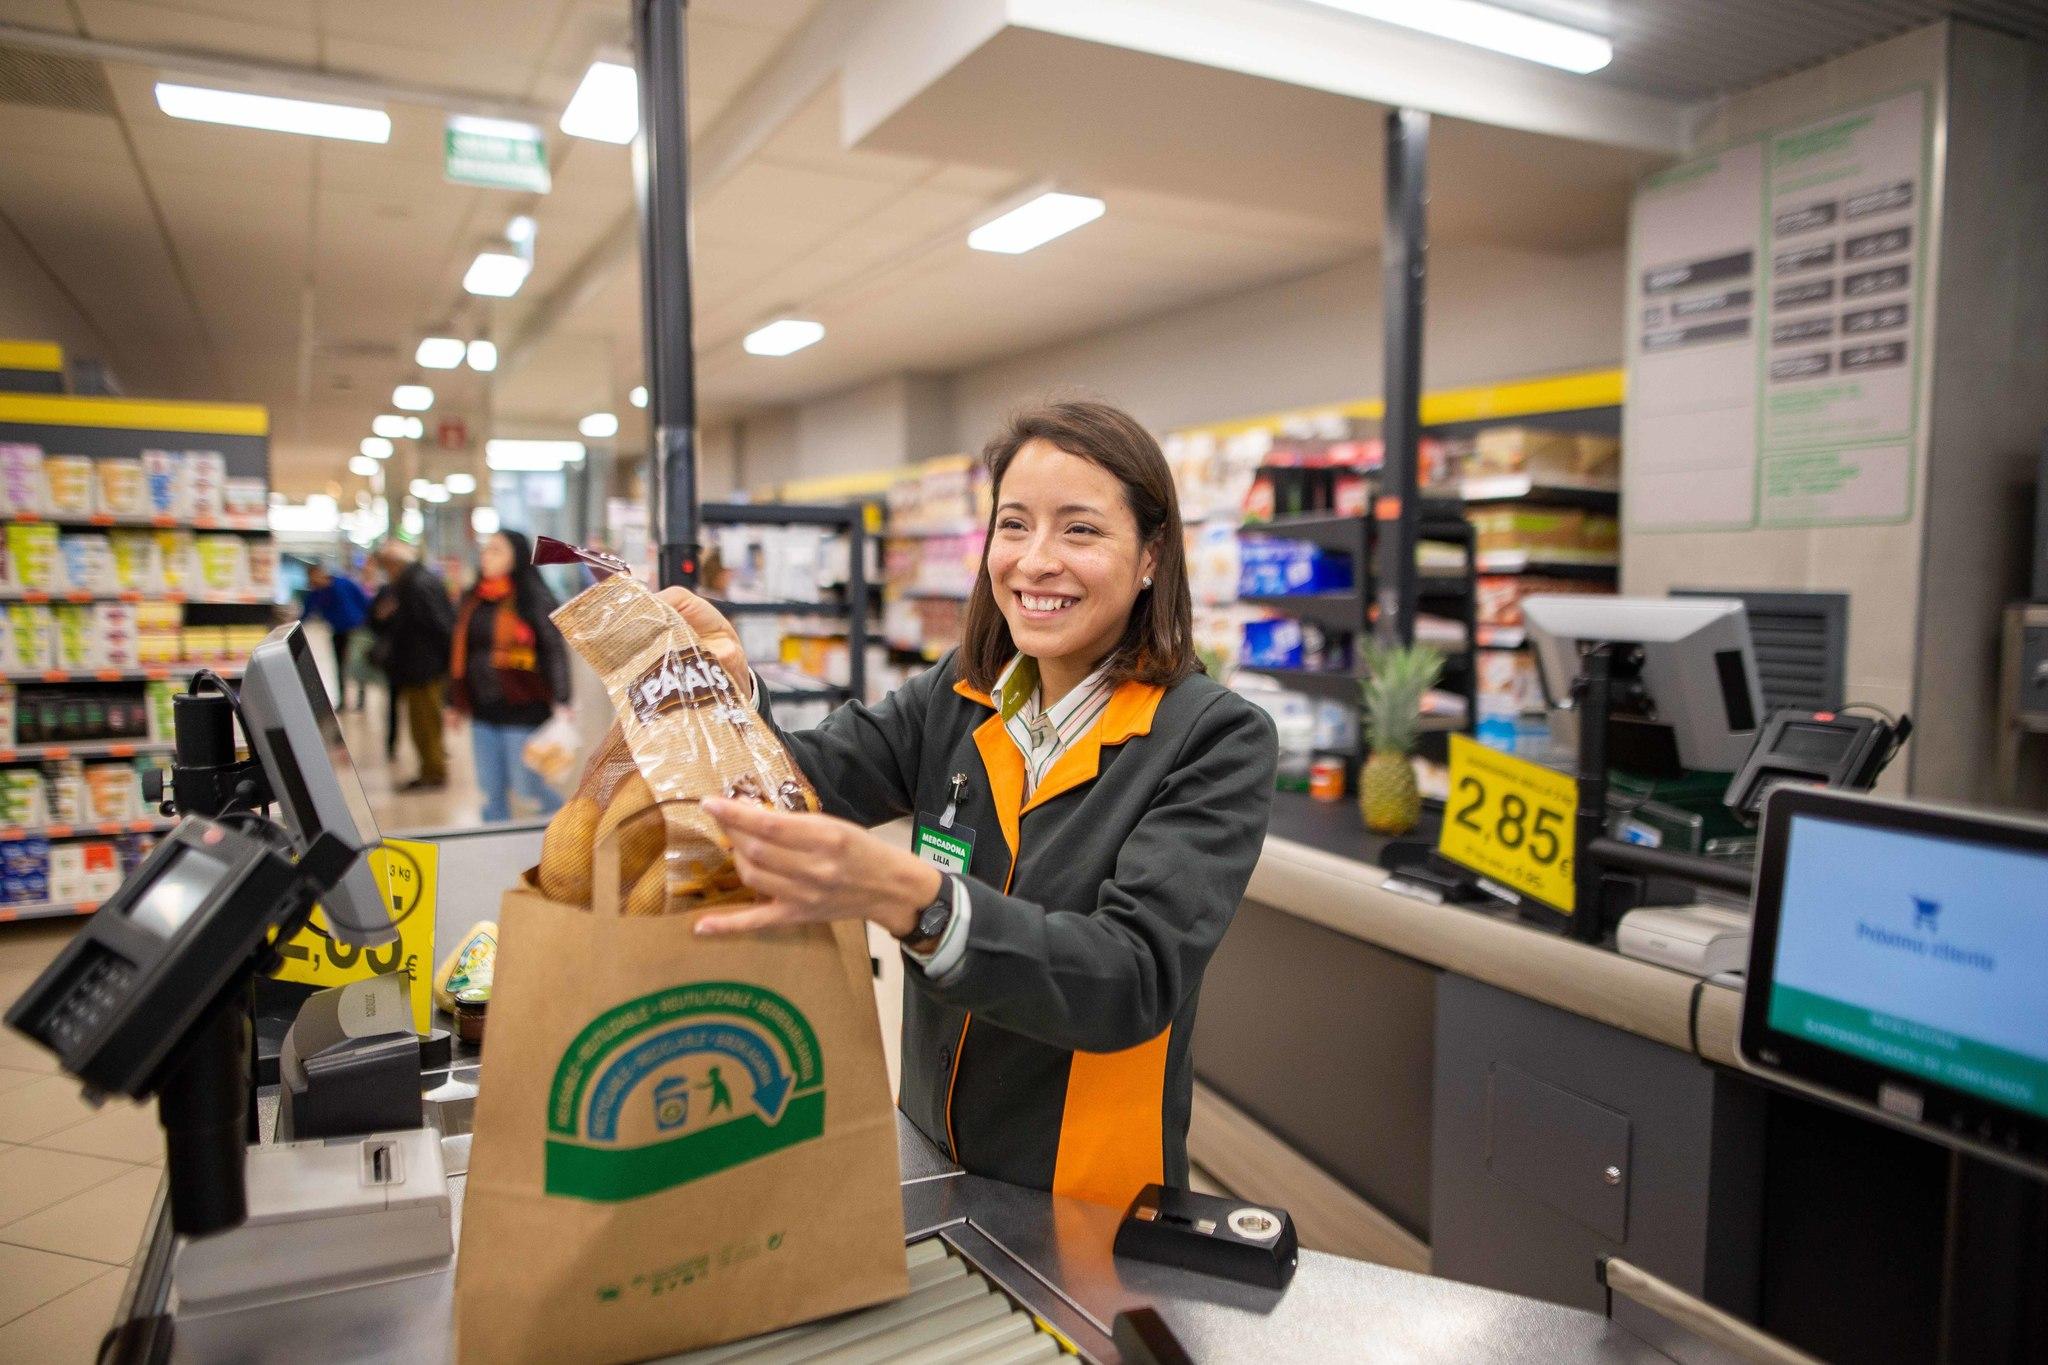 Mercadona sustituirá definitivamente las bolsas de plástico en abril